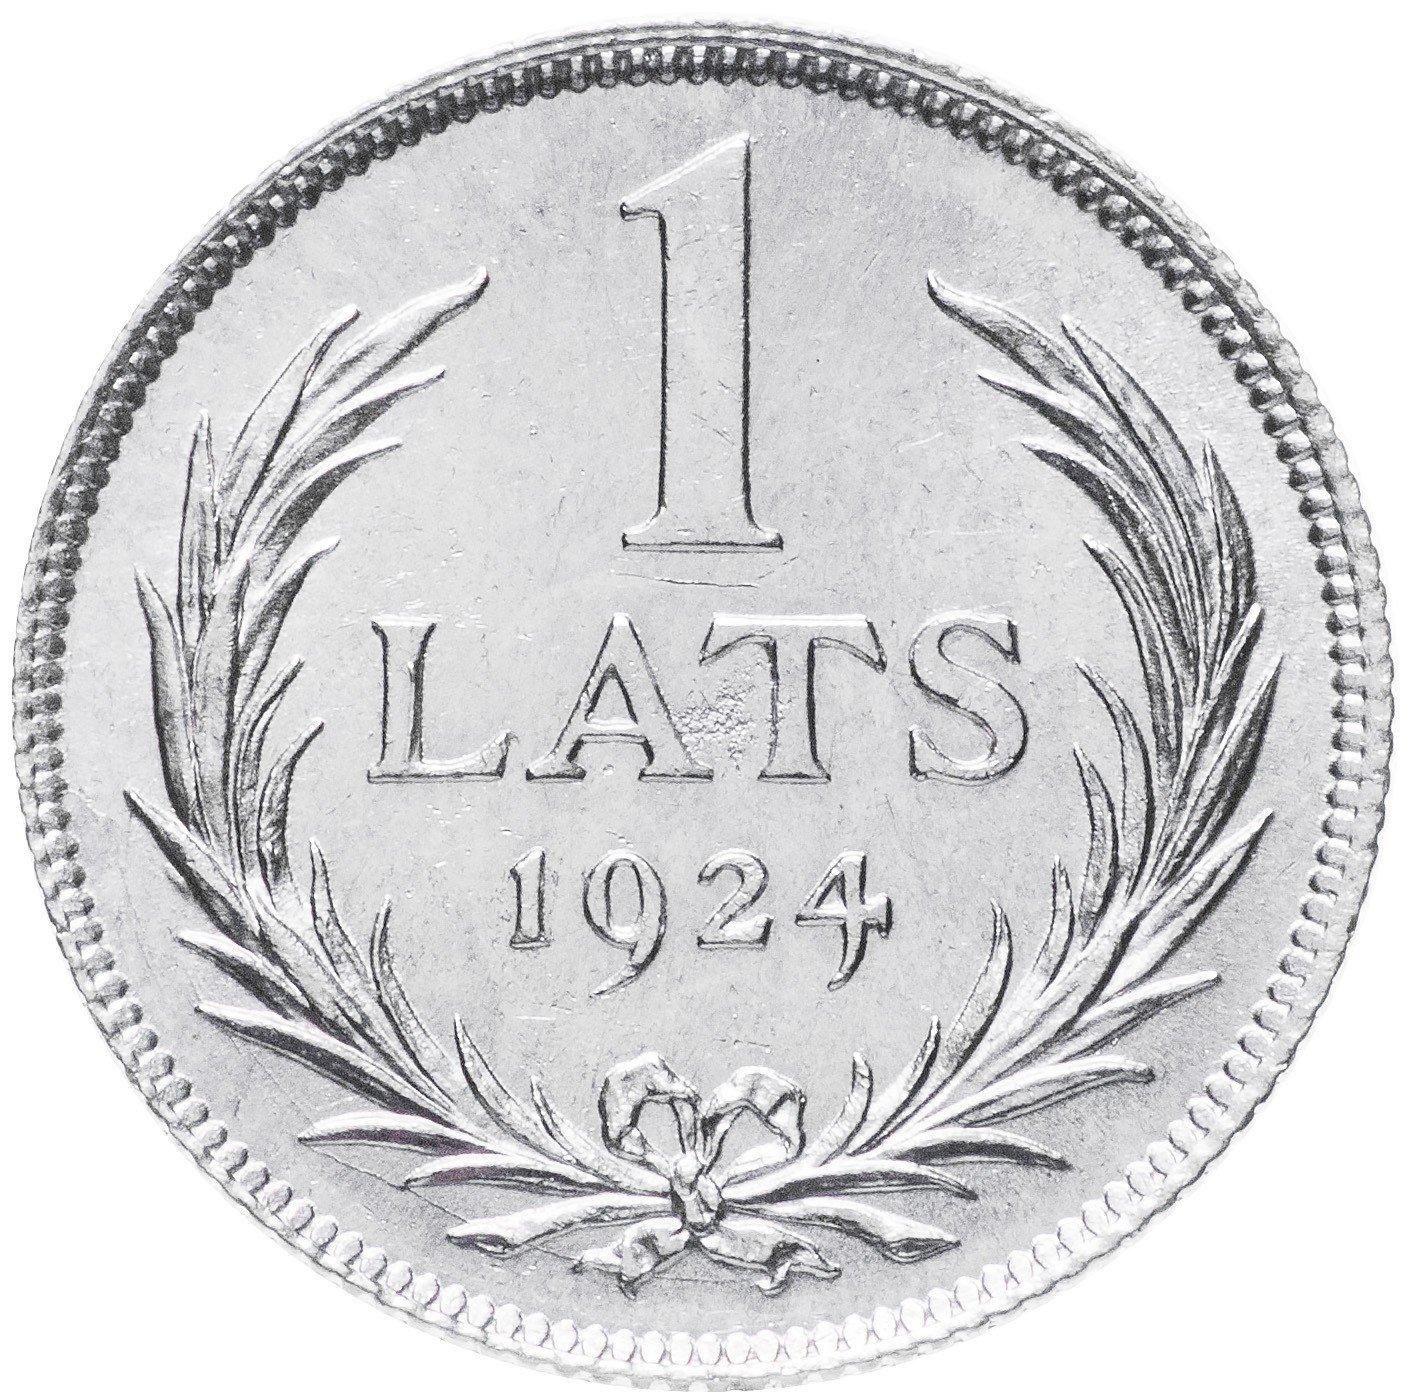 Купить 1 лат стоимость монеты 25 рублей сочи 2014 цена